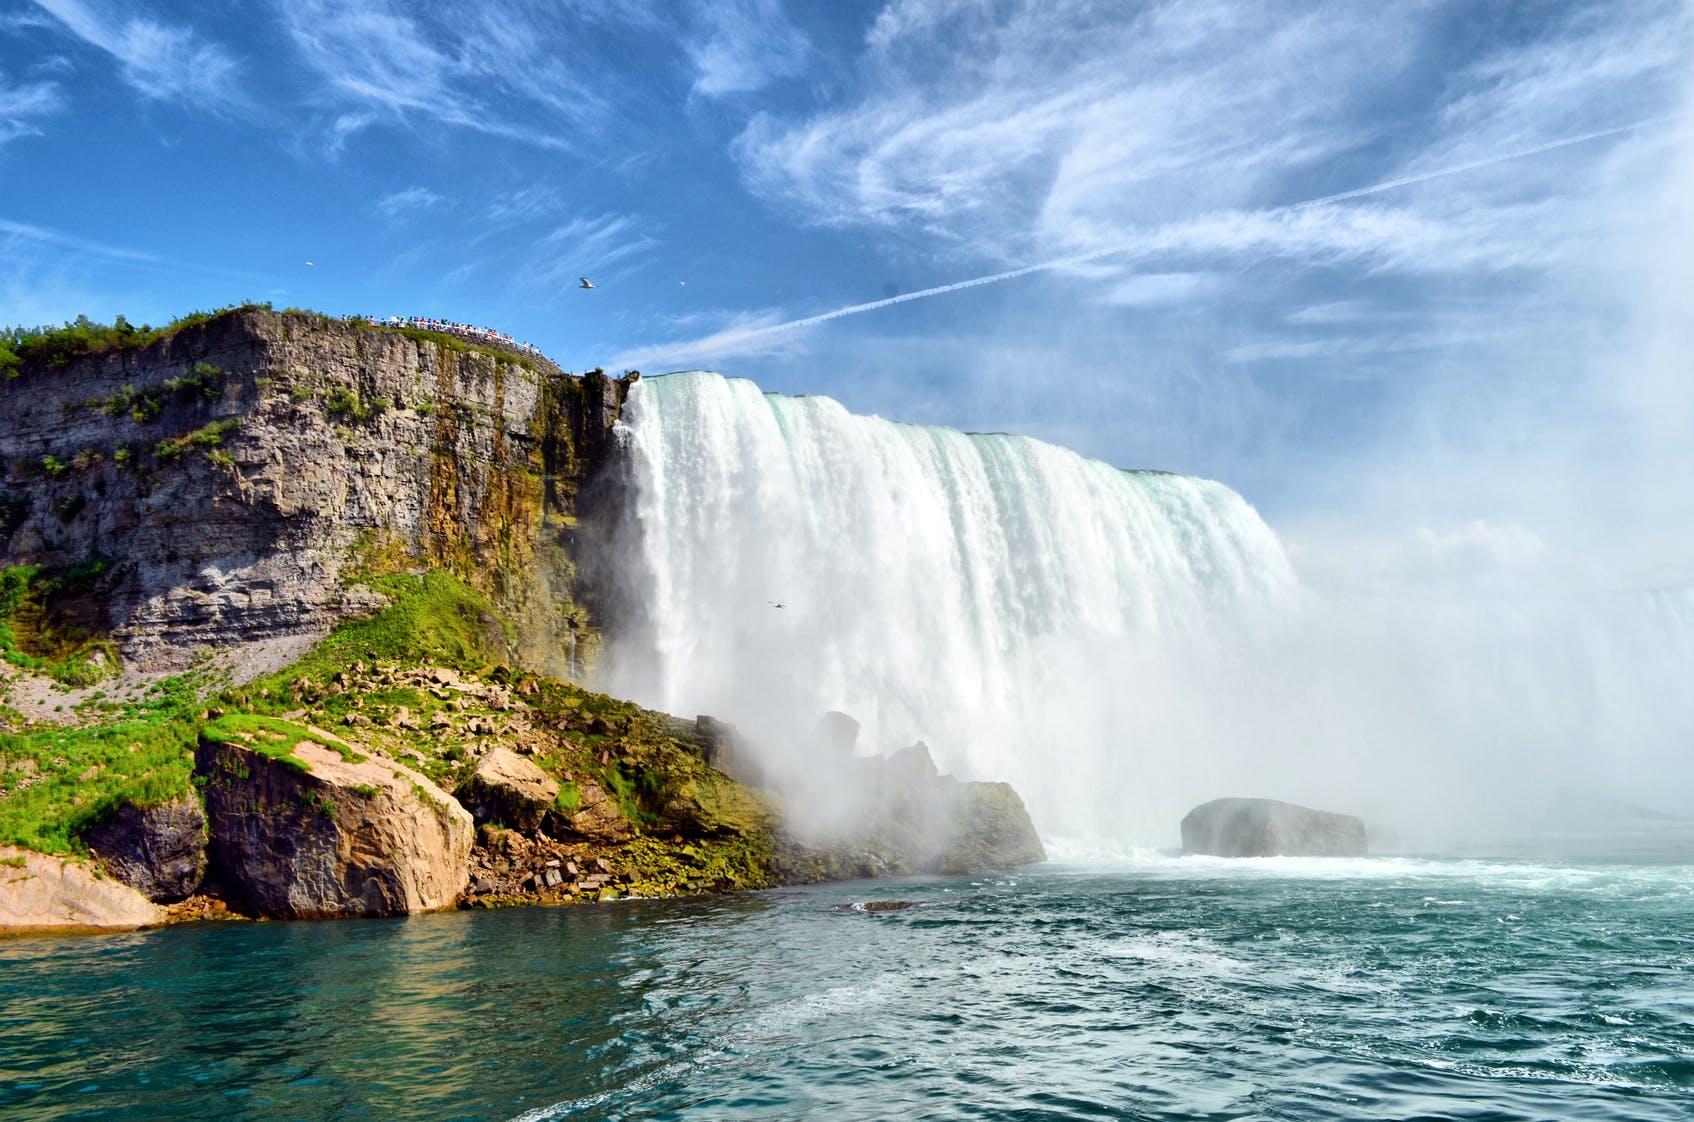 Ver la ciudad,Actividades,Actividades,Visitas en barco o acuáticas,Actividades acuáticas,Salidas a la naturaleza,